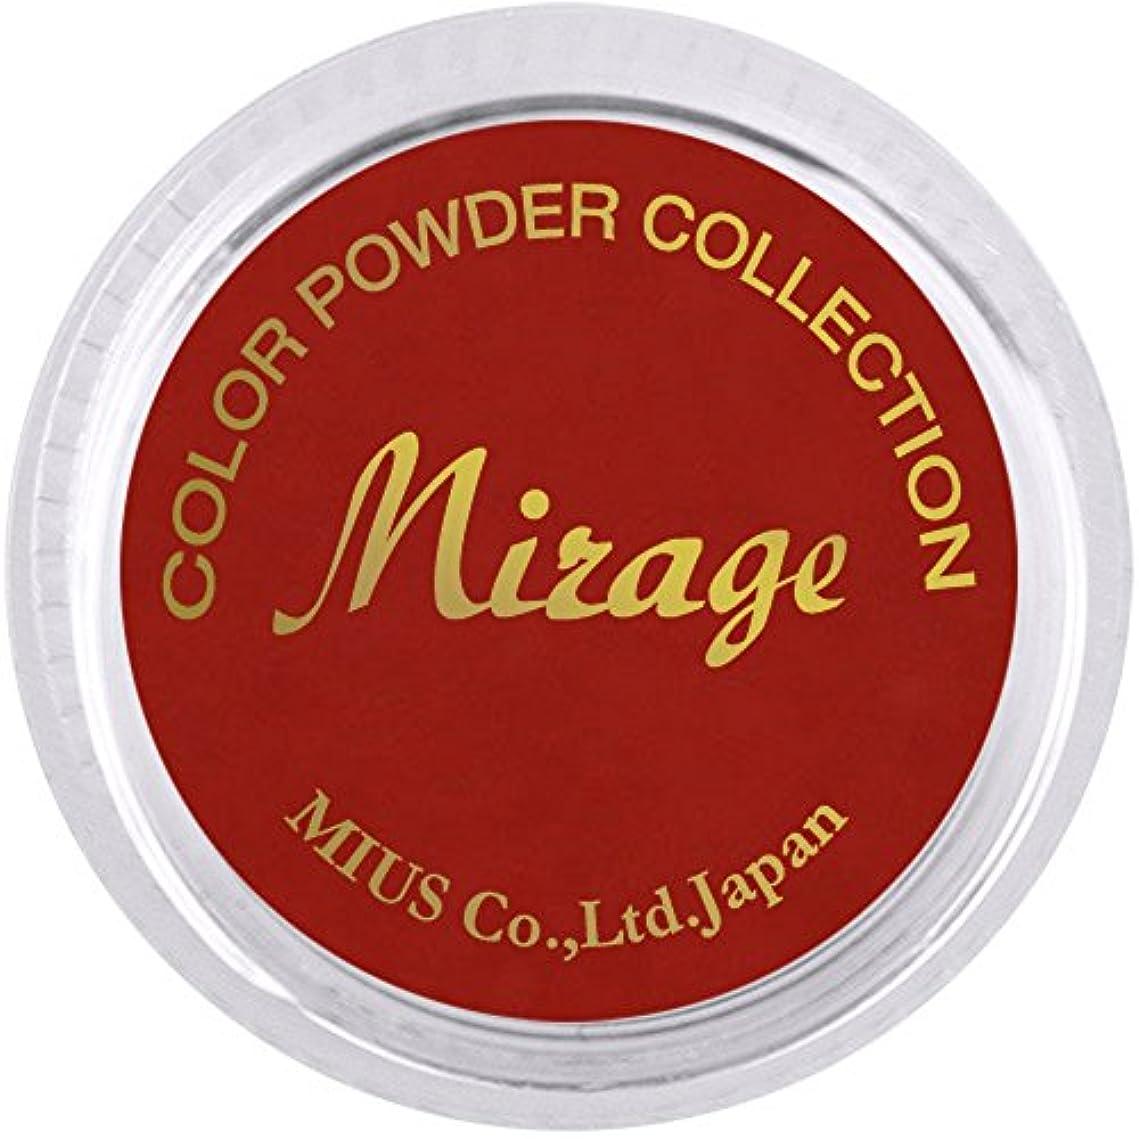 診断する栄養物質ミラージュ カラーパウダー N/WCV-4 タンゴ 7g  アクリルパウダー 色鮮やかなビビットシリーズ